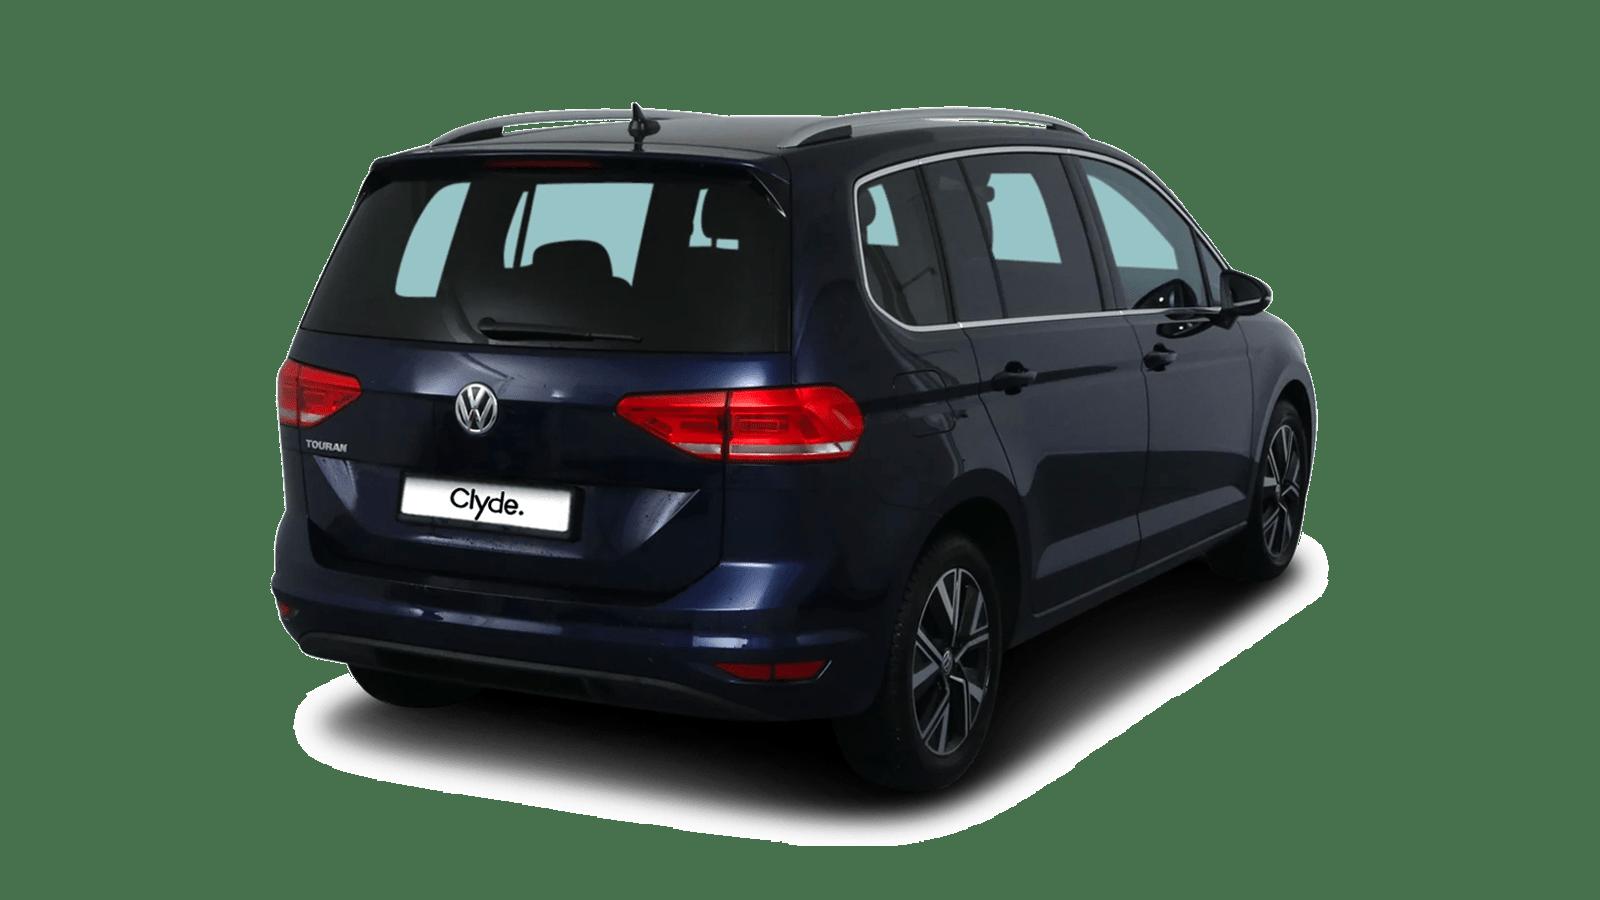 VW Touran Blau front - Clyde Auto-Abo